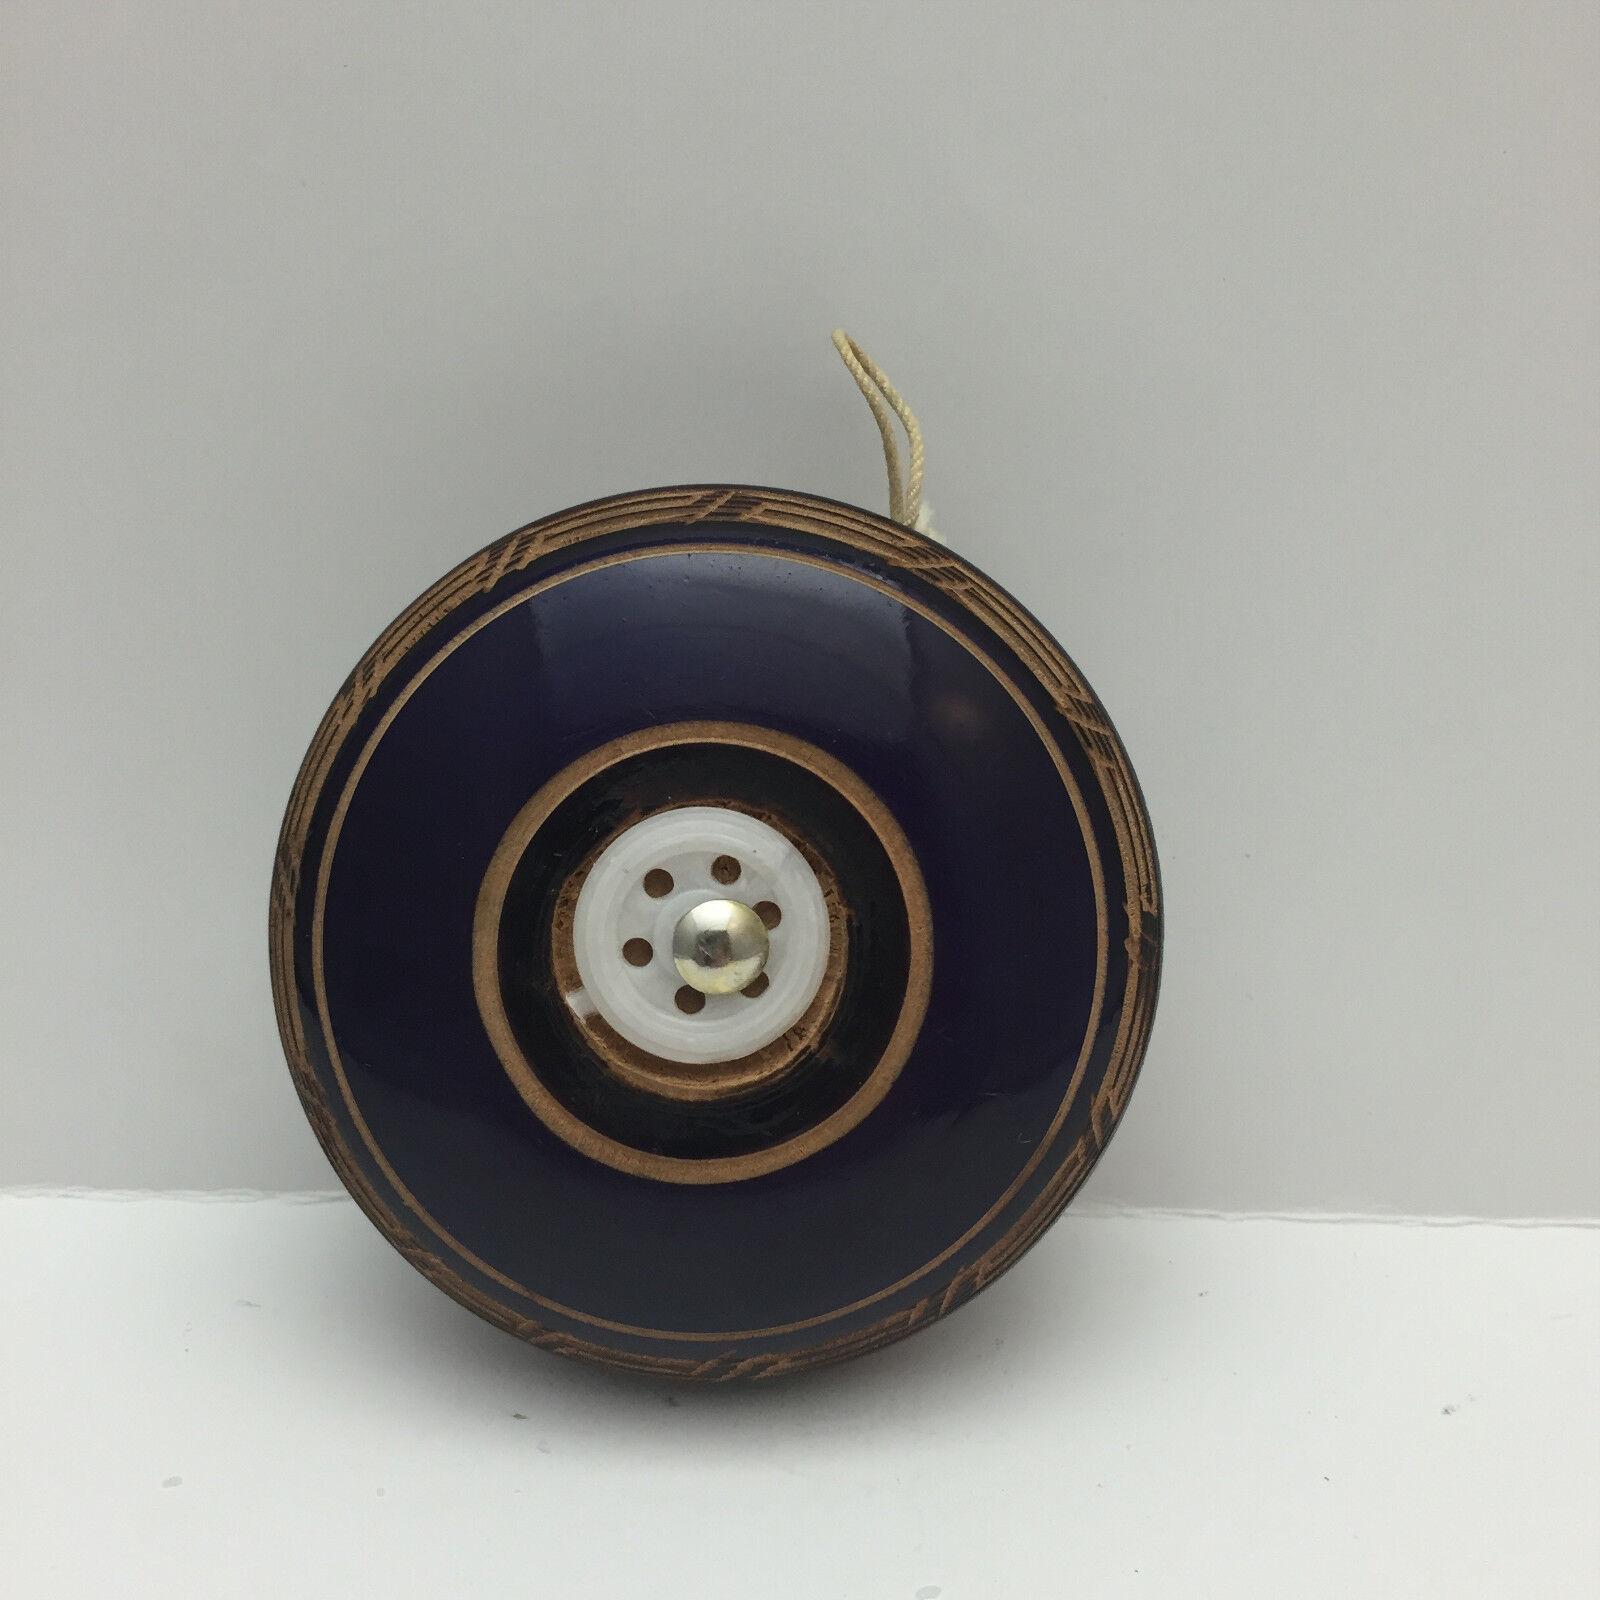 Hand aus holz geschnitzte yo - yo - spielzeug - lila - vintage - - preis gesenkt